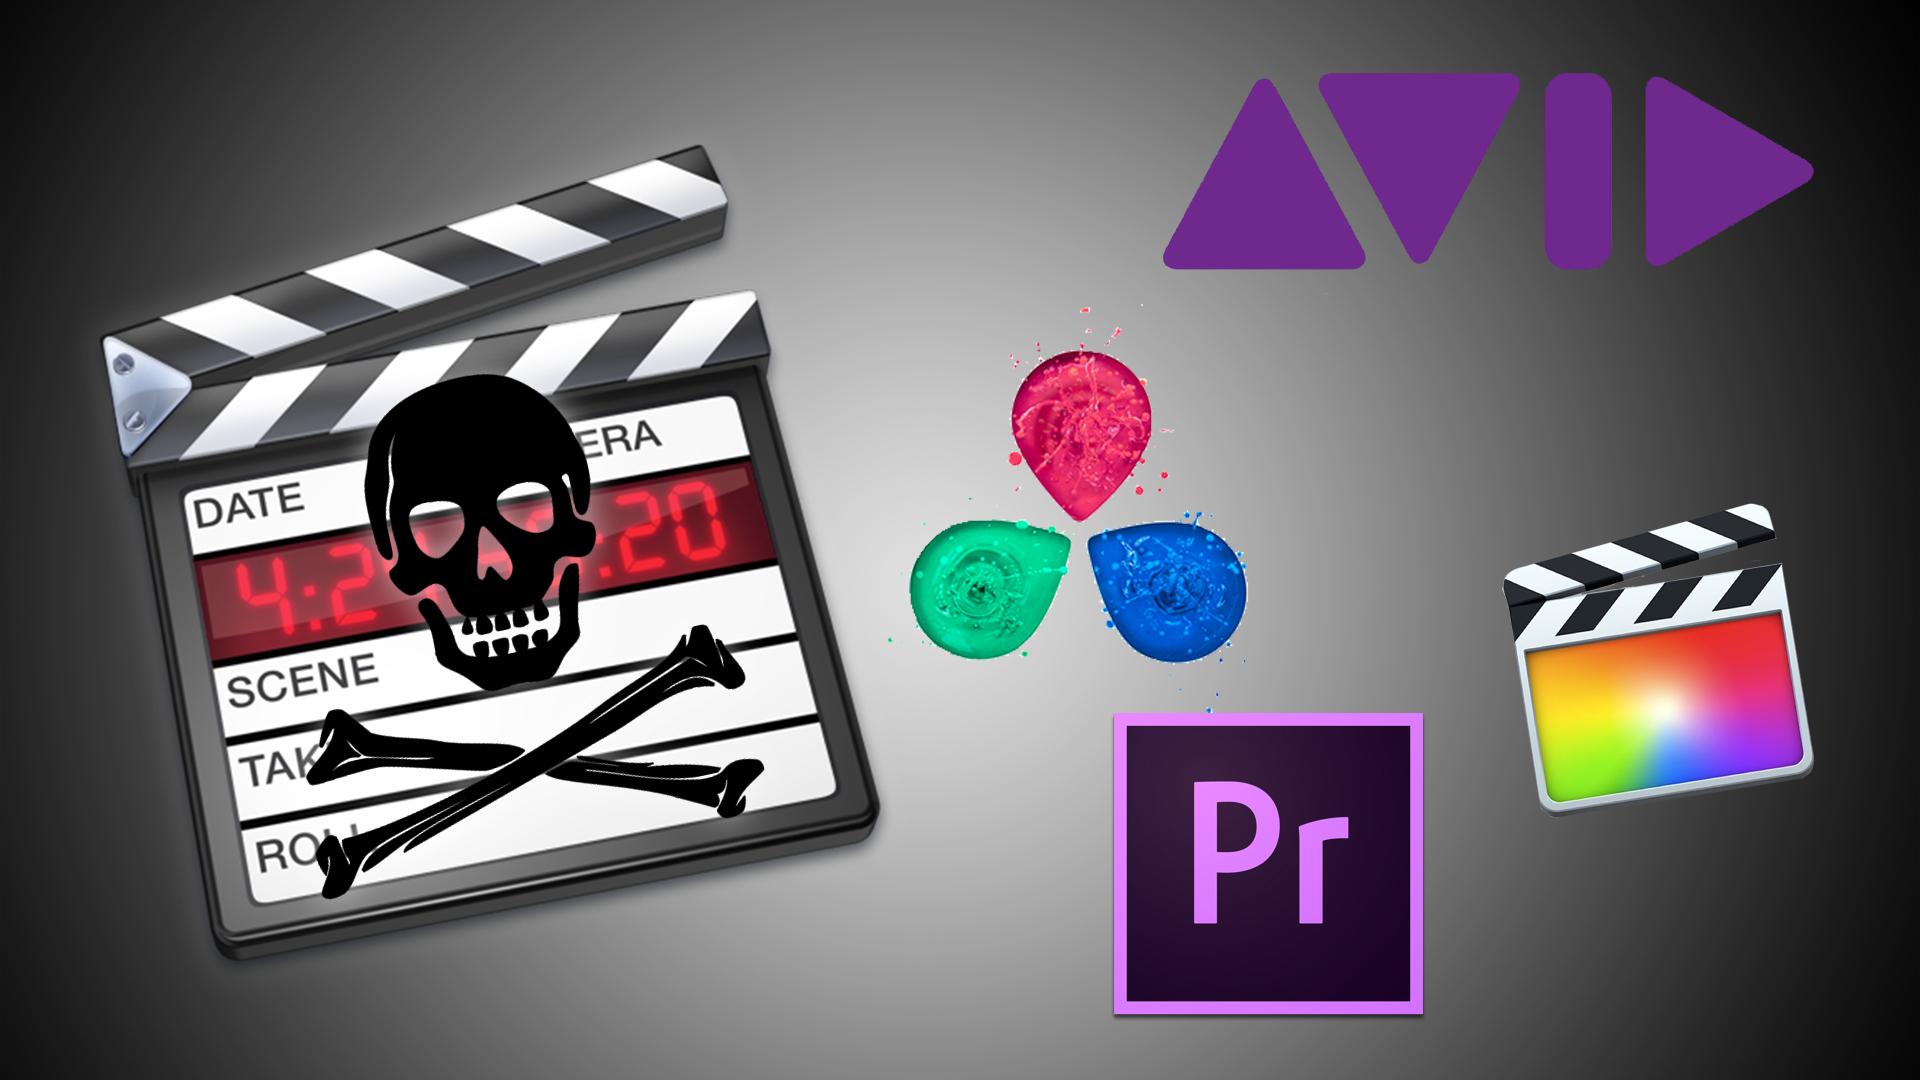 Final Cut Pro 7 Is Dead: Won't Start in New Mac OS | cinema5D